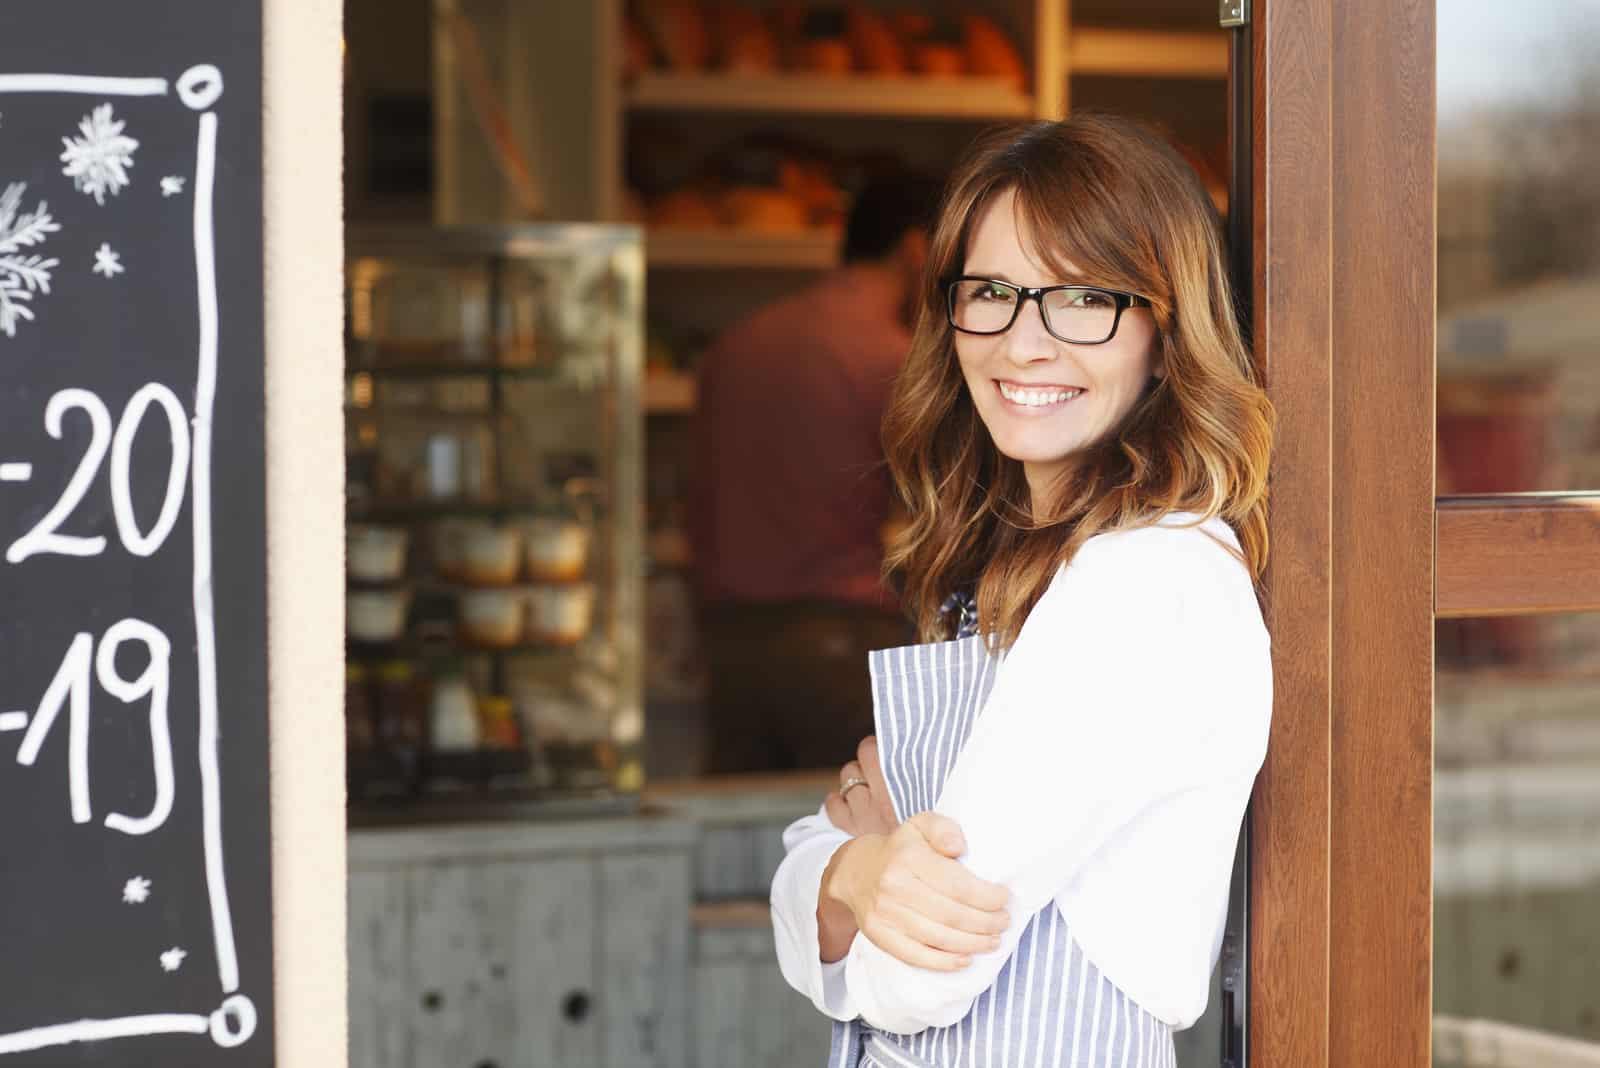 une femme souriante se tient à côté d'un café